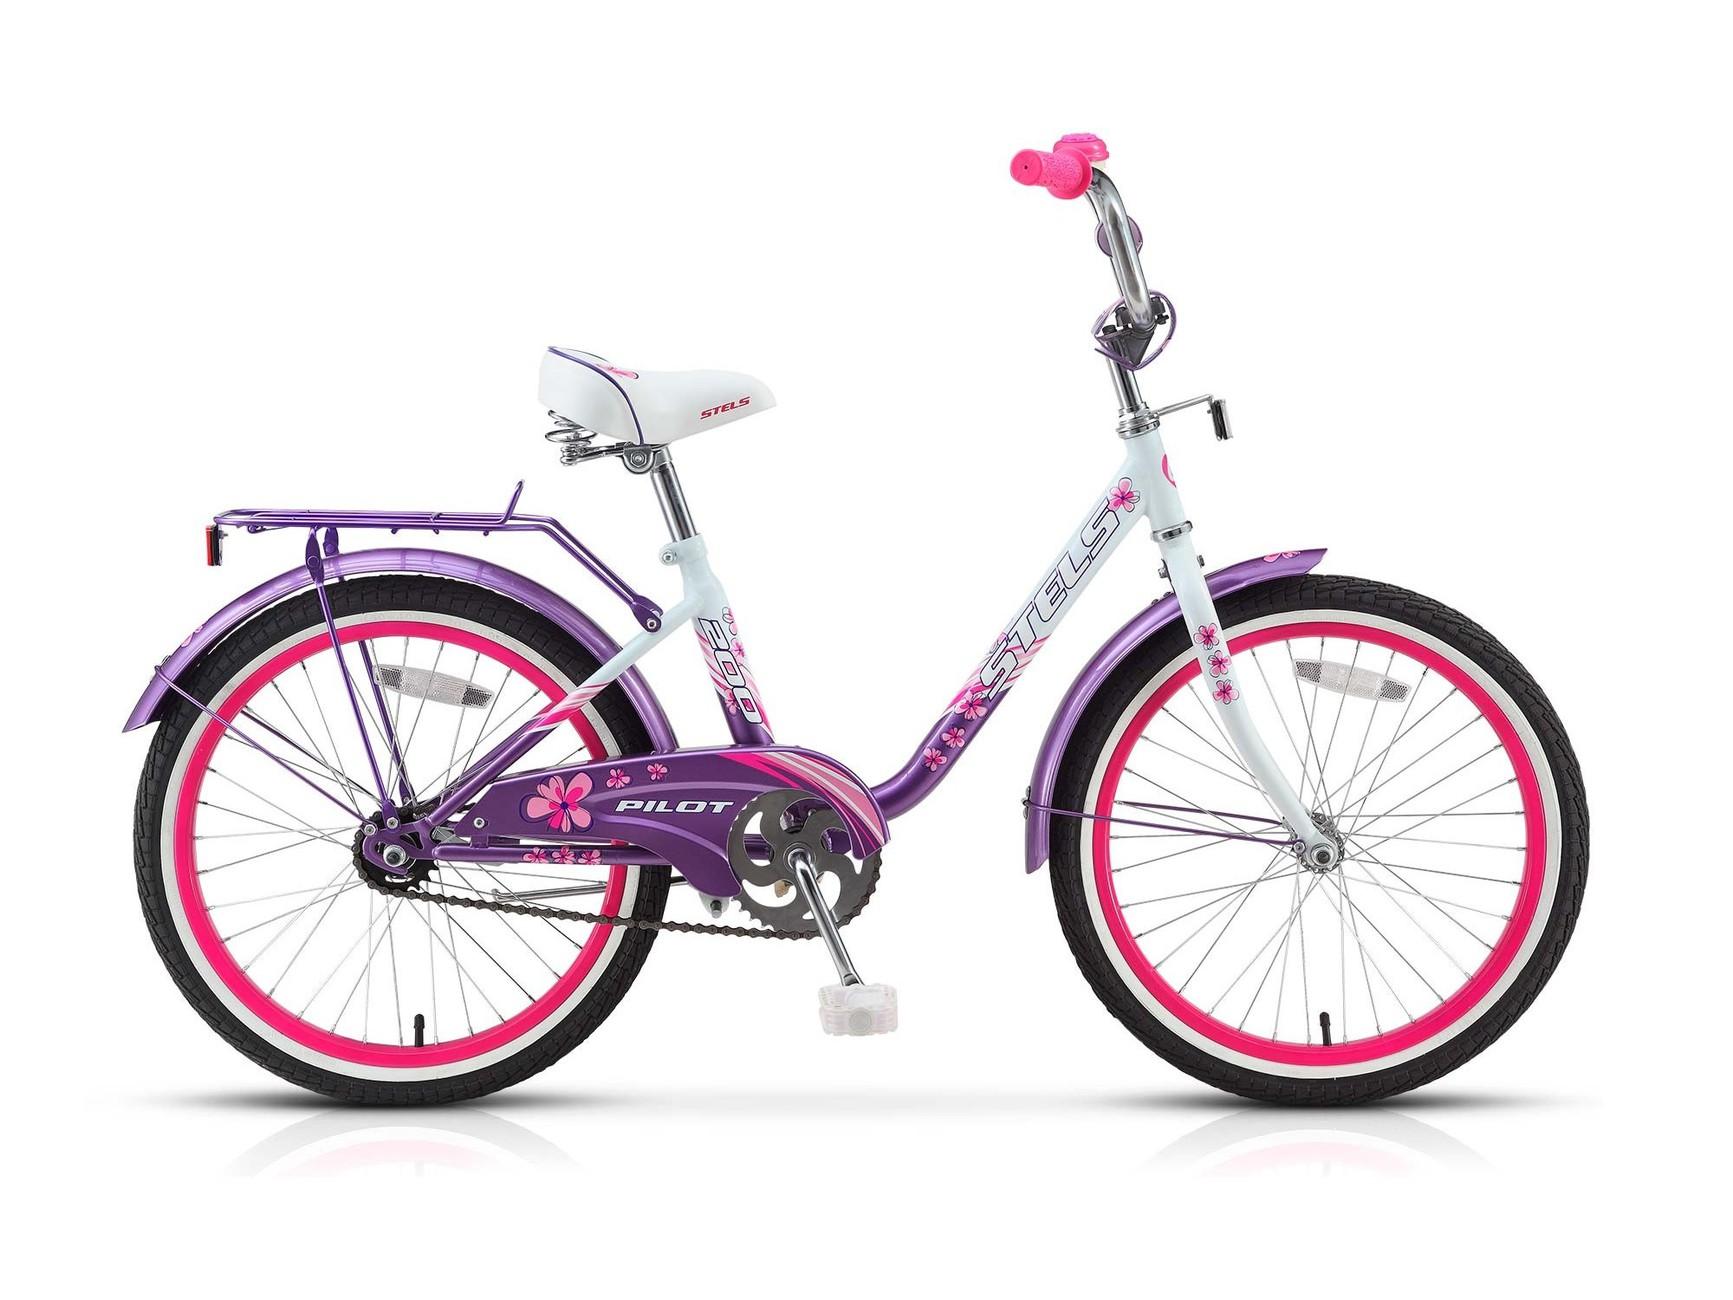 Велосипед Pilot 200 Lady с колесами 20 , стальной рамой и багажником - Велосипеды детские, артикул: 158111